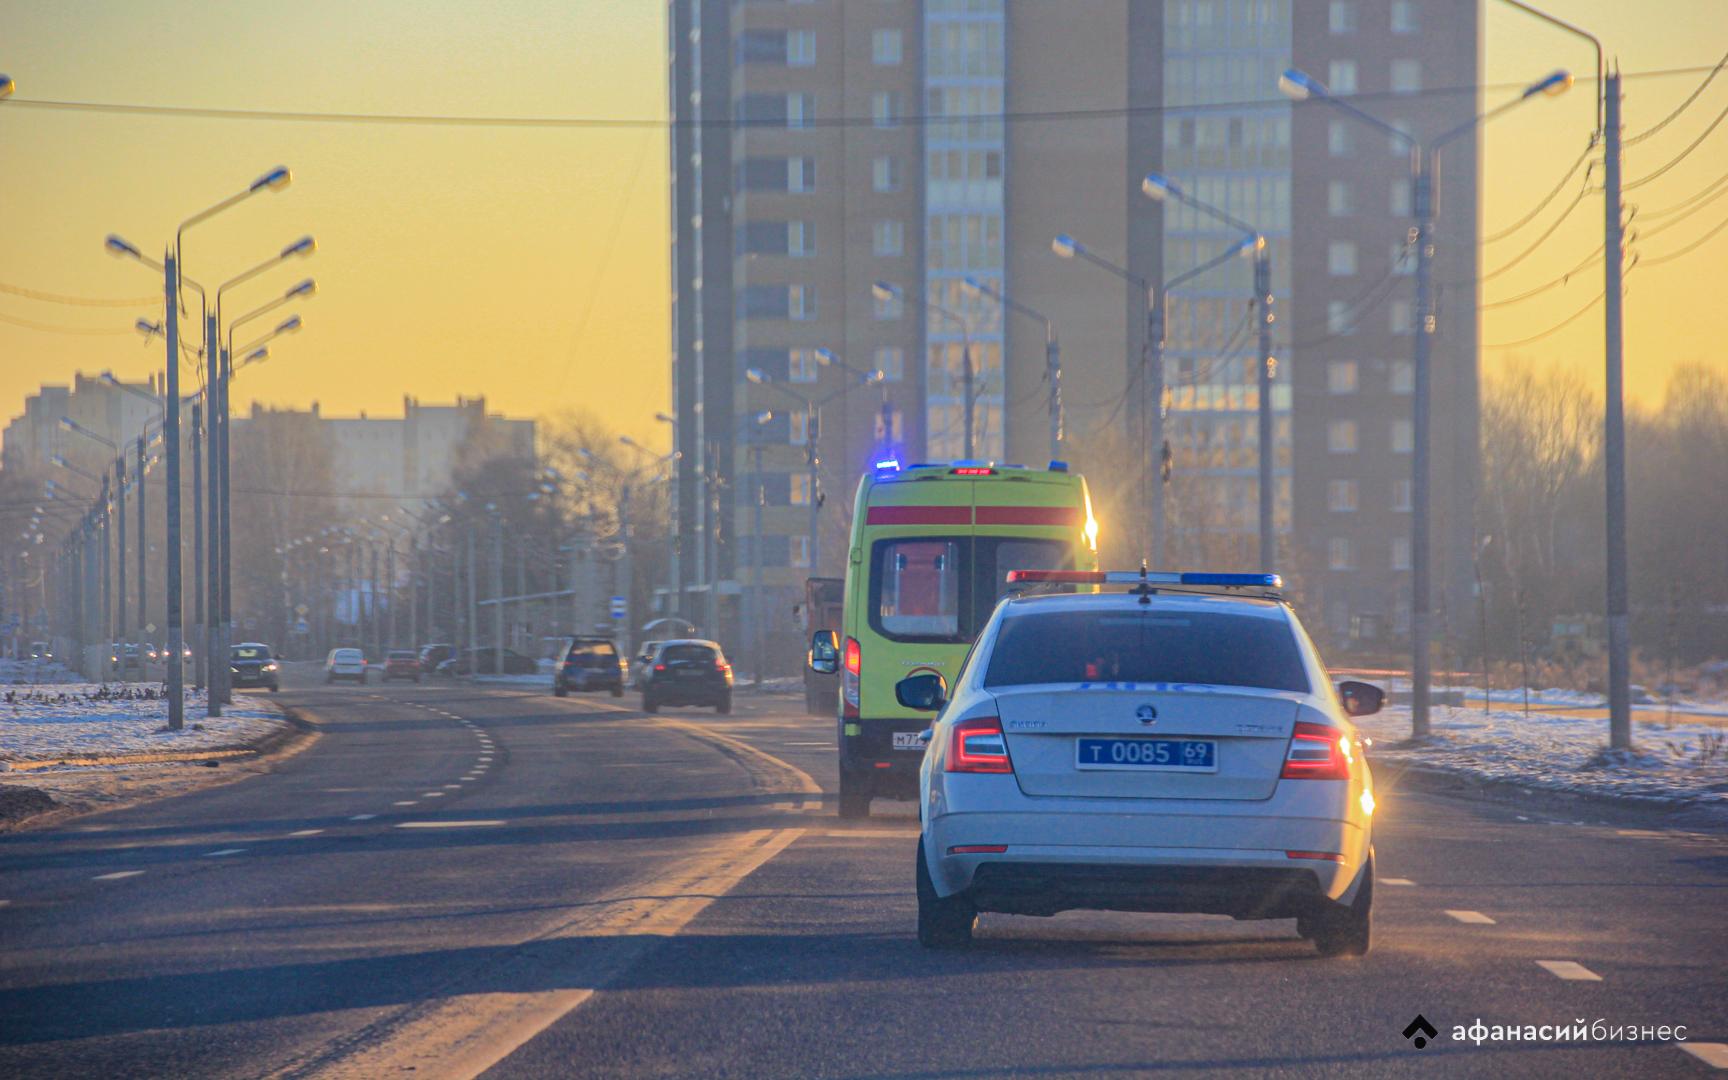 Мотоциклист попал в больницу после столкновения с легковушкой под Тверью